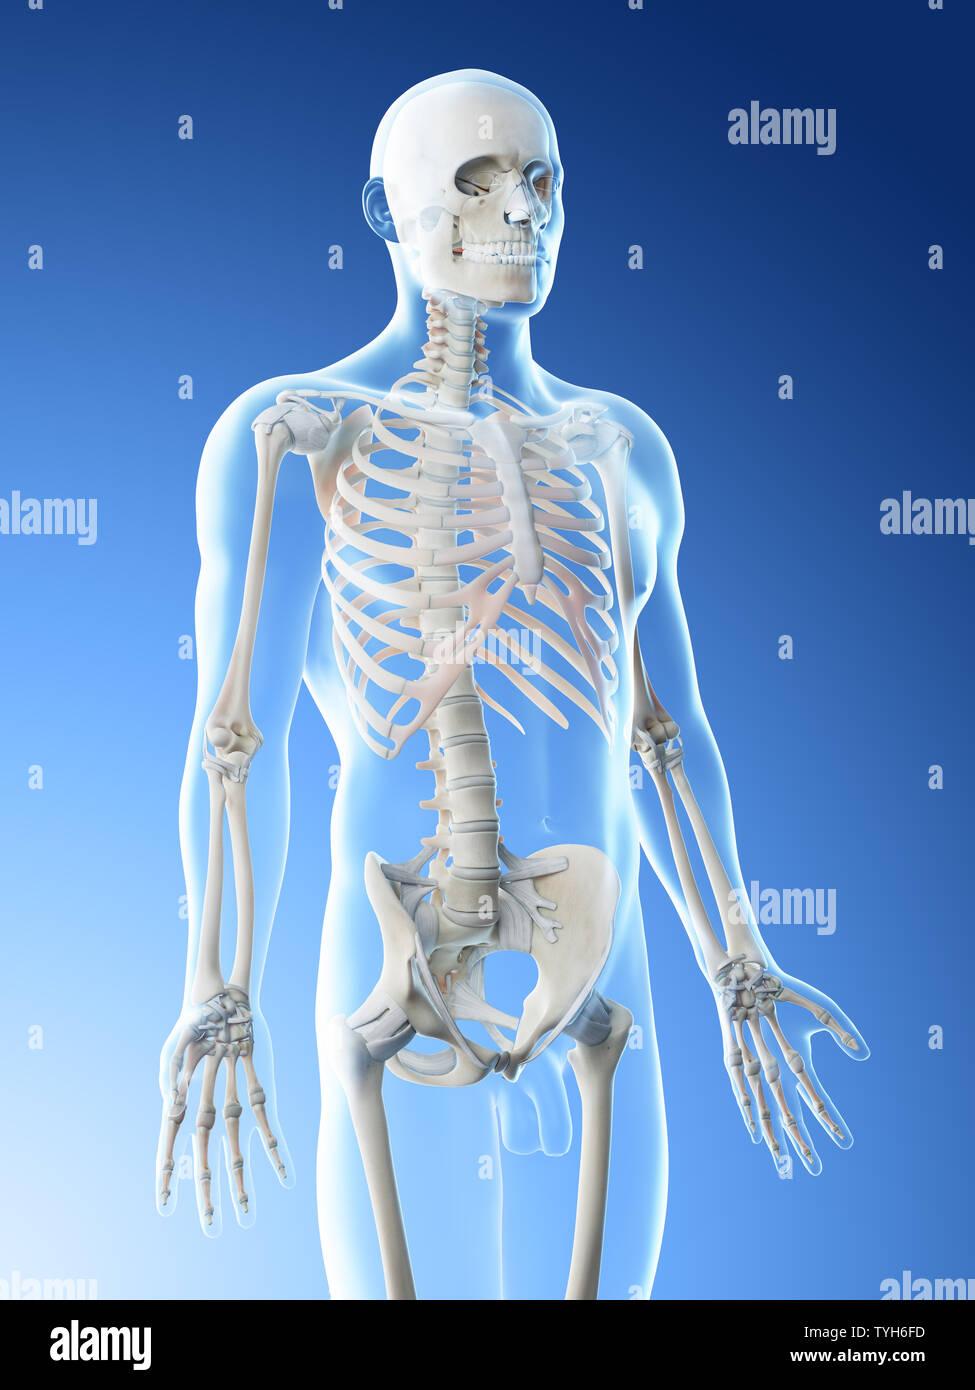 3d rendered illustration of a mans skeleton of the upper